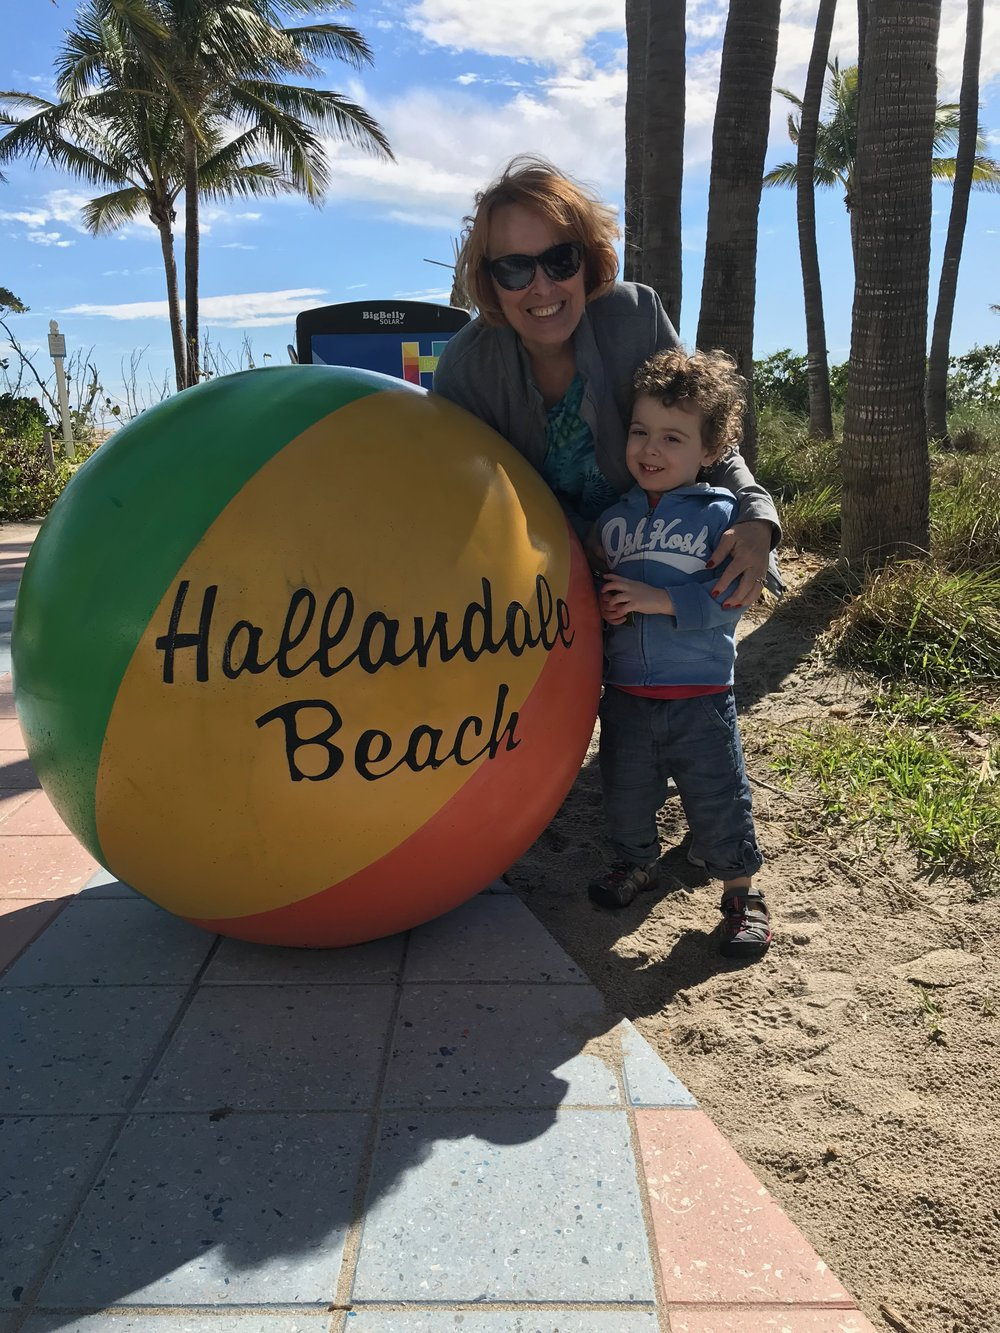 Conseils pratiques pour voyager avec un enfant-trucs de maman-conseils-bébé-avion-tout inclus-croisière-hotel-destination-bébé-testés et approuvés-voyage-Je suis une maman